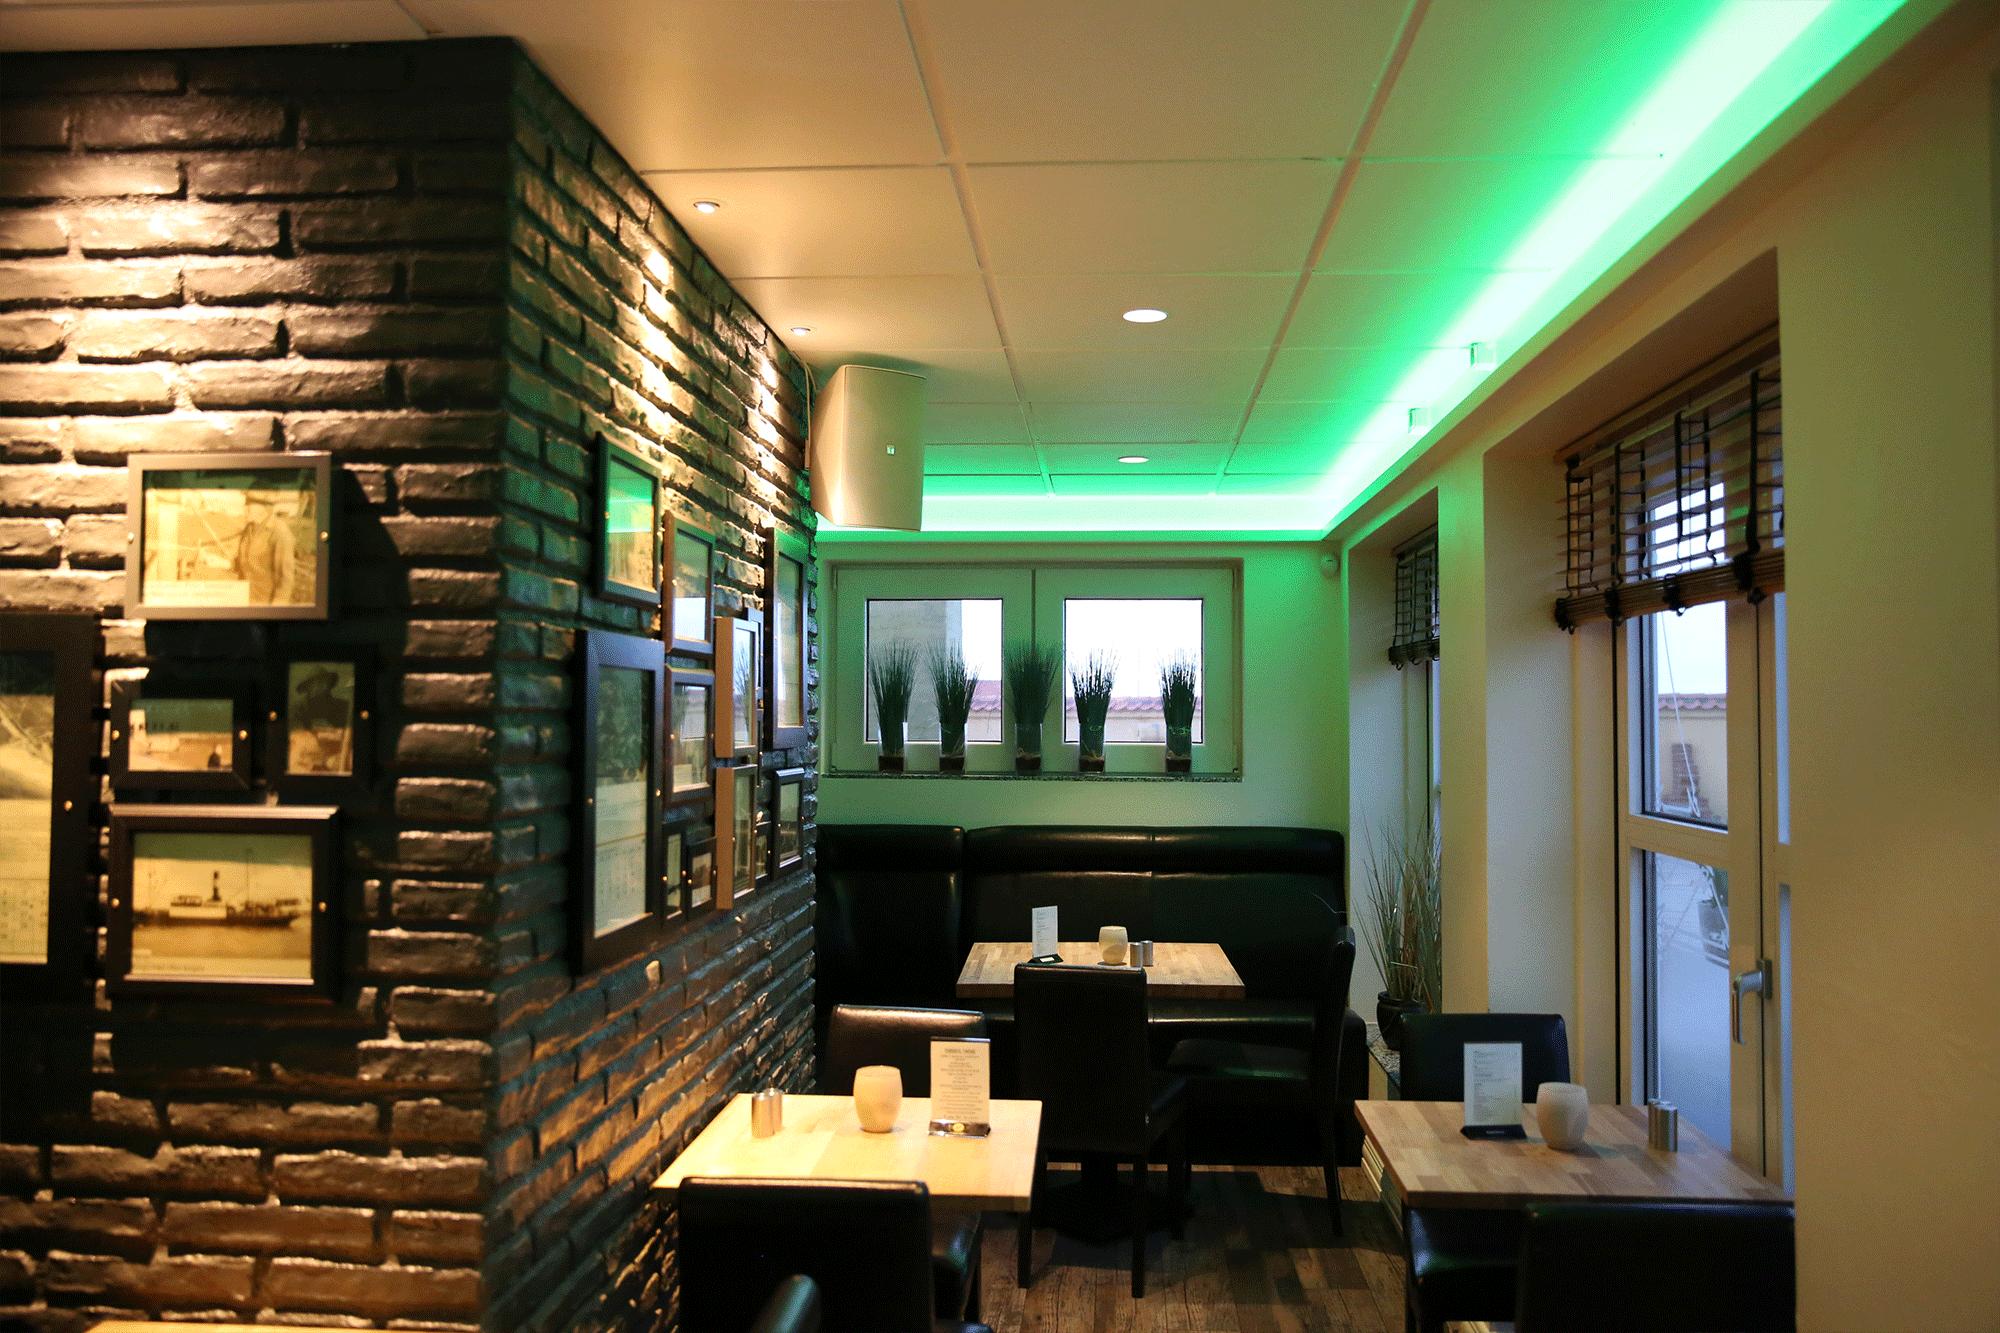 Case om restaurant Lilleheden/Café 2, som har skiftet til LED lys - LITE